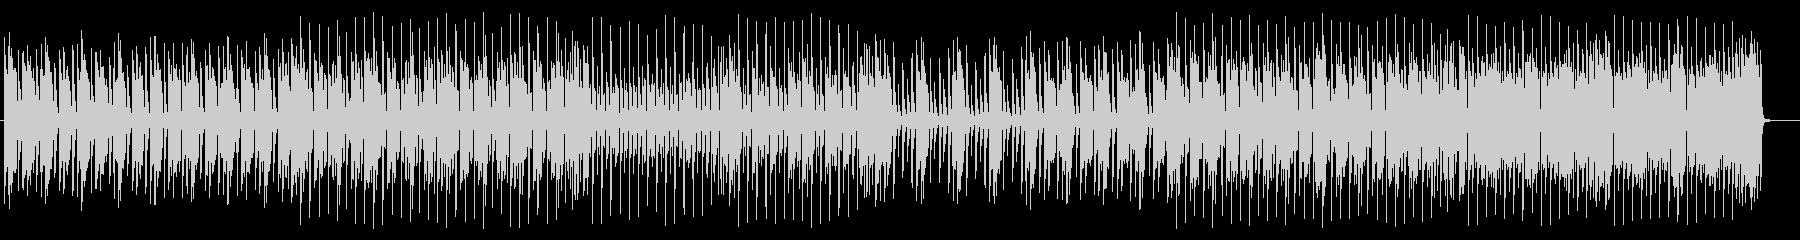 軽快で近代的なロックサウンドの未再生の波形